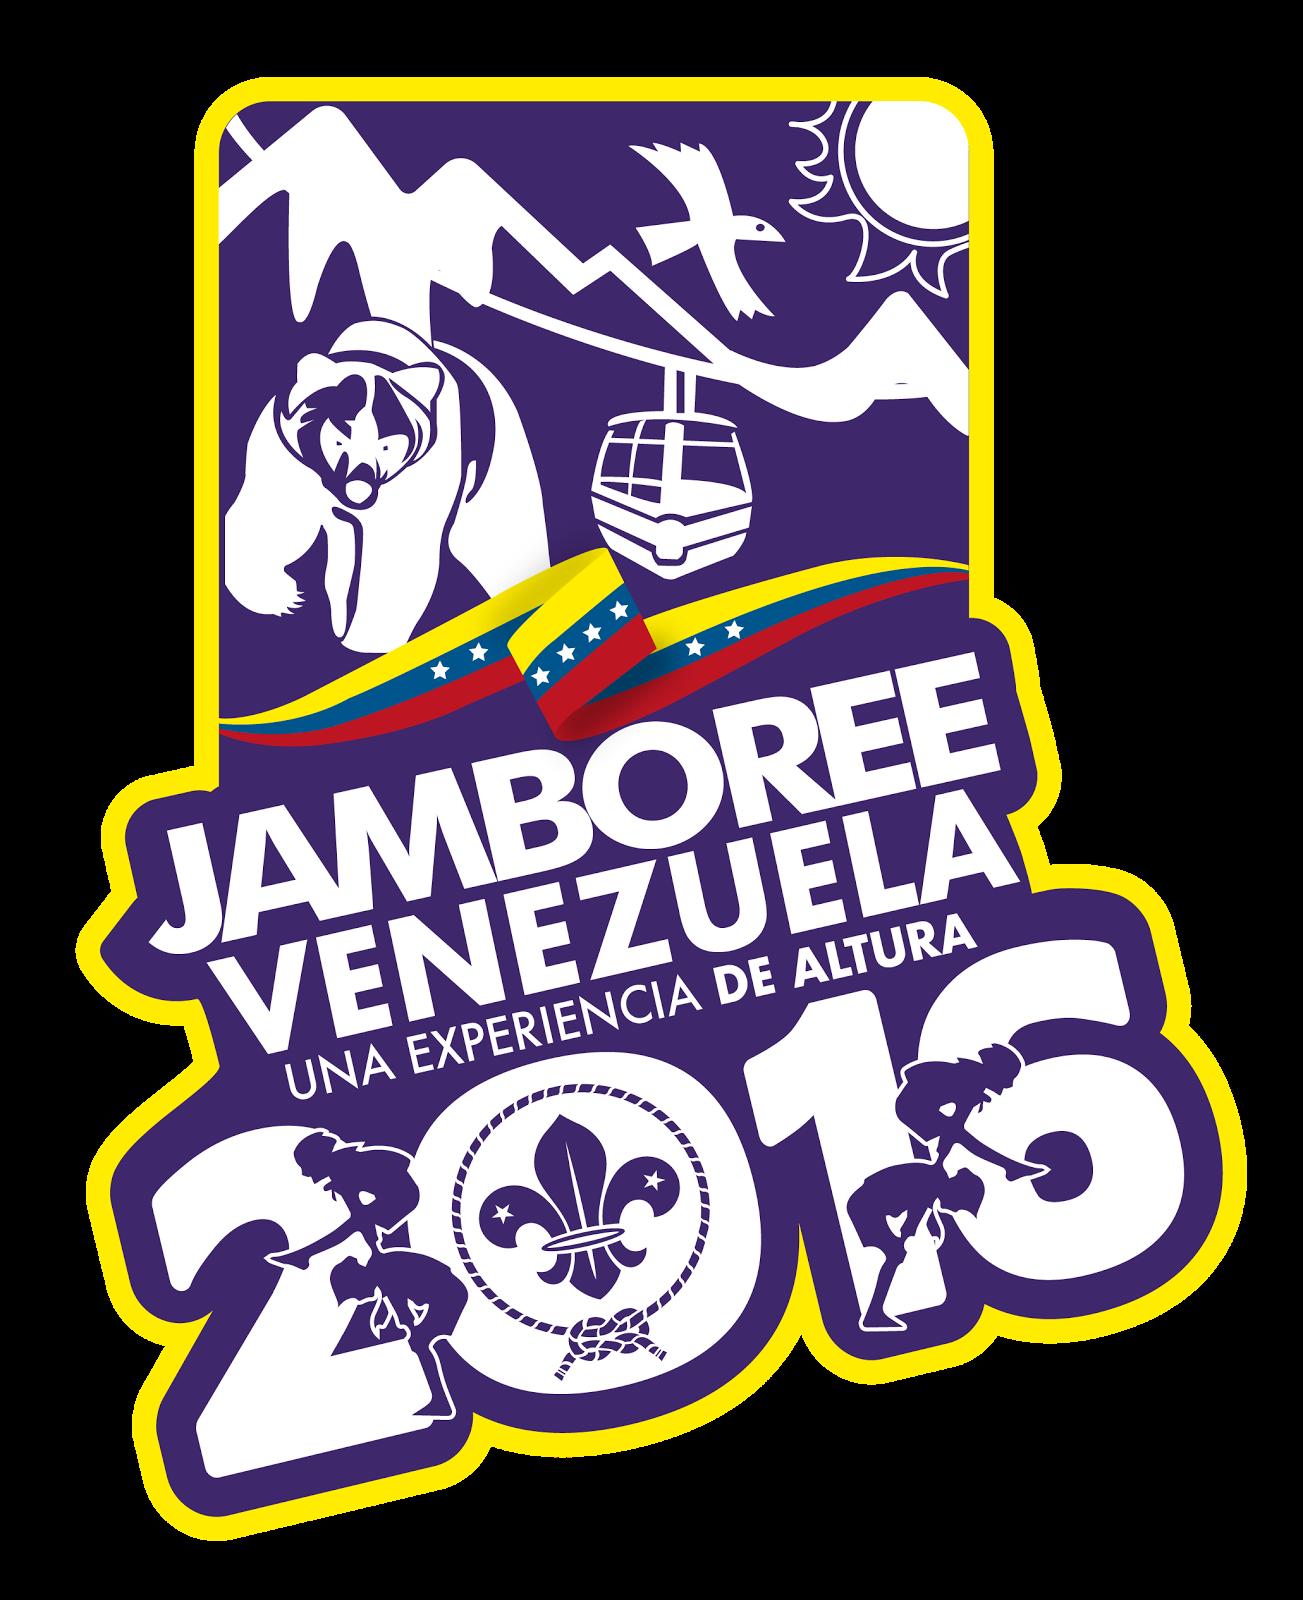 Jambore Nacional 2016